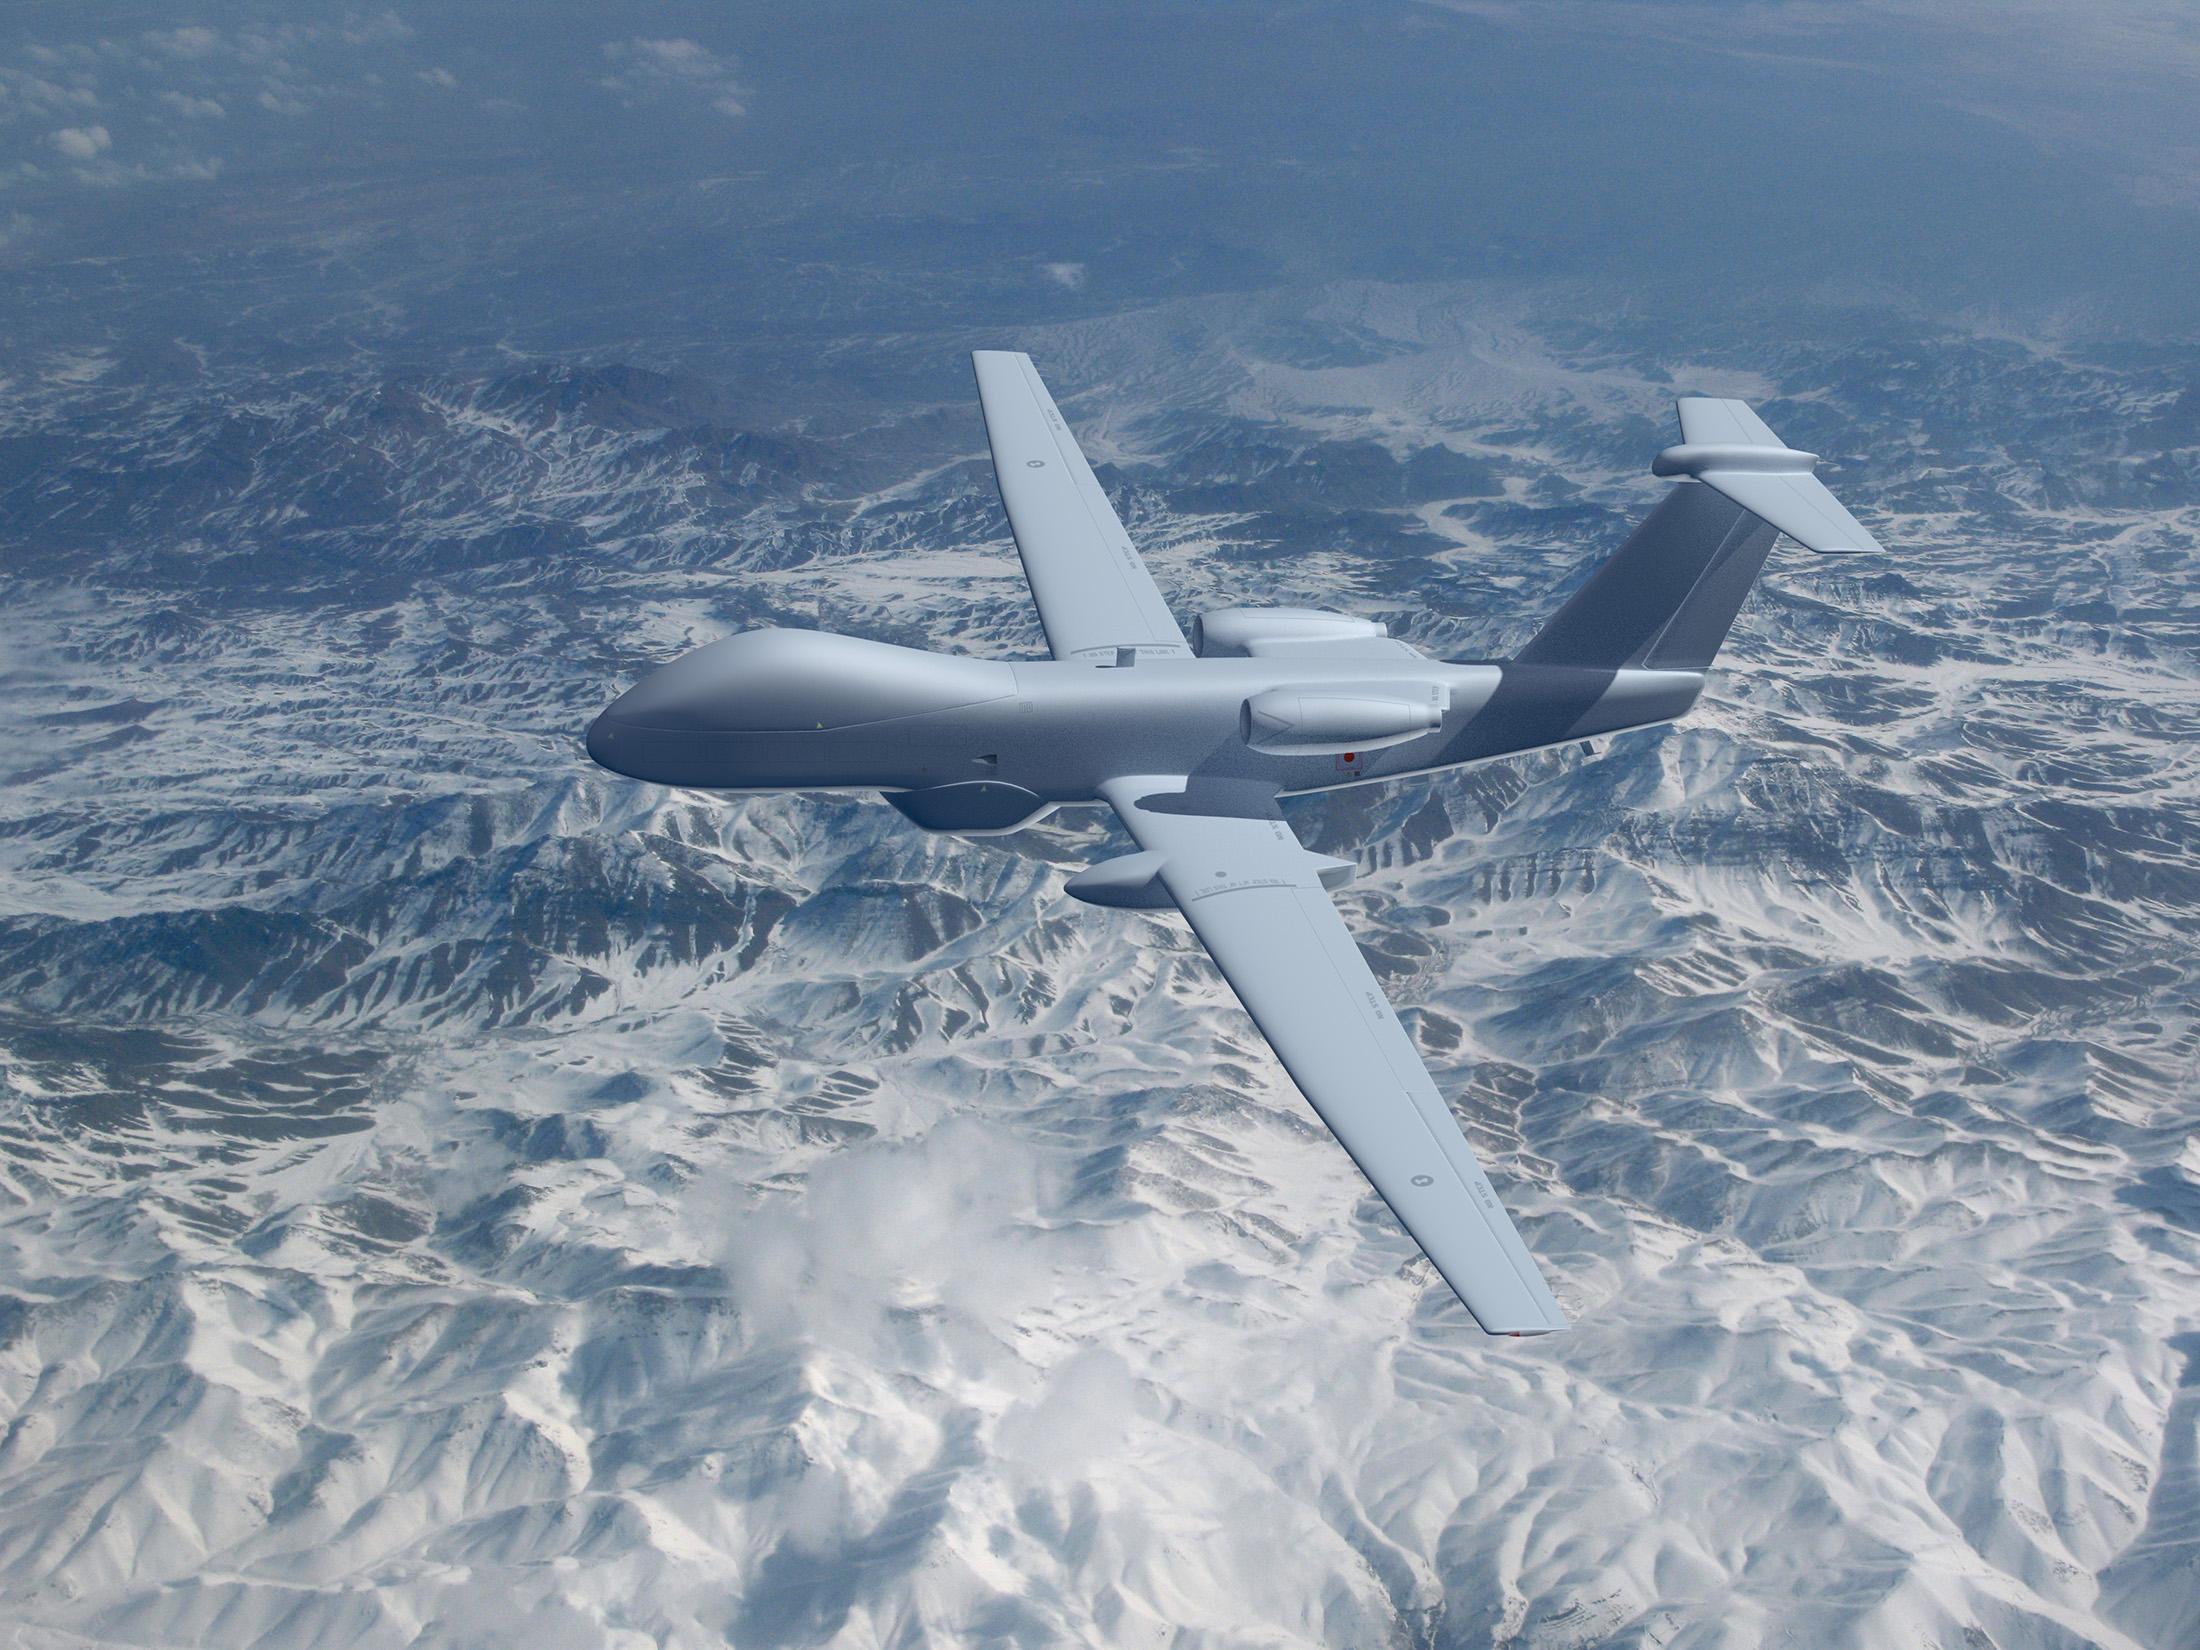 C'est La Partie Humaine D'un Drone Qui Relève De Machiavel - L'Express